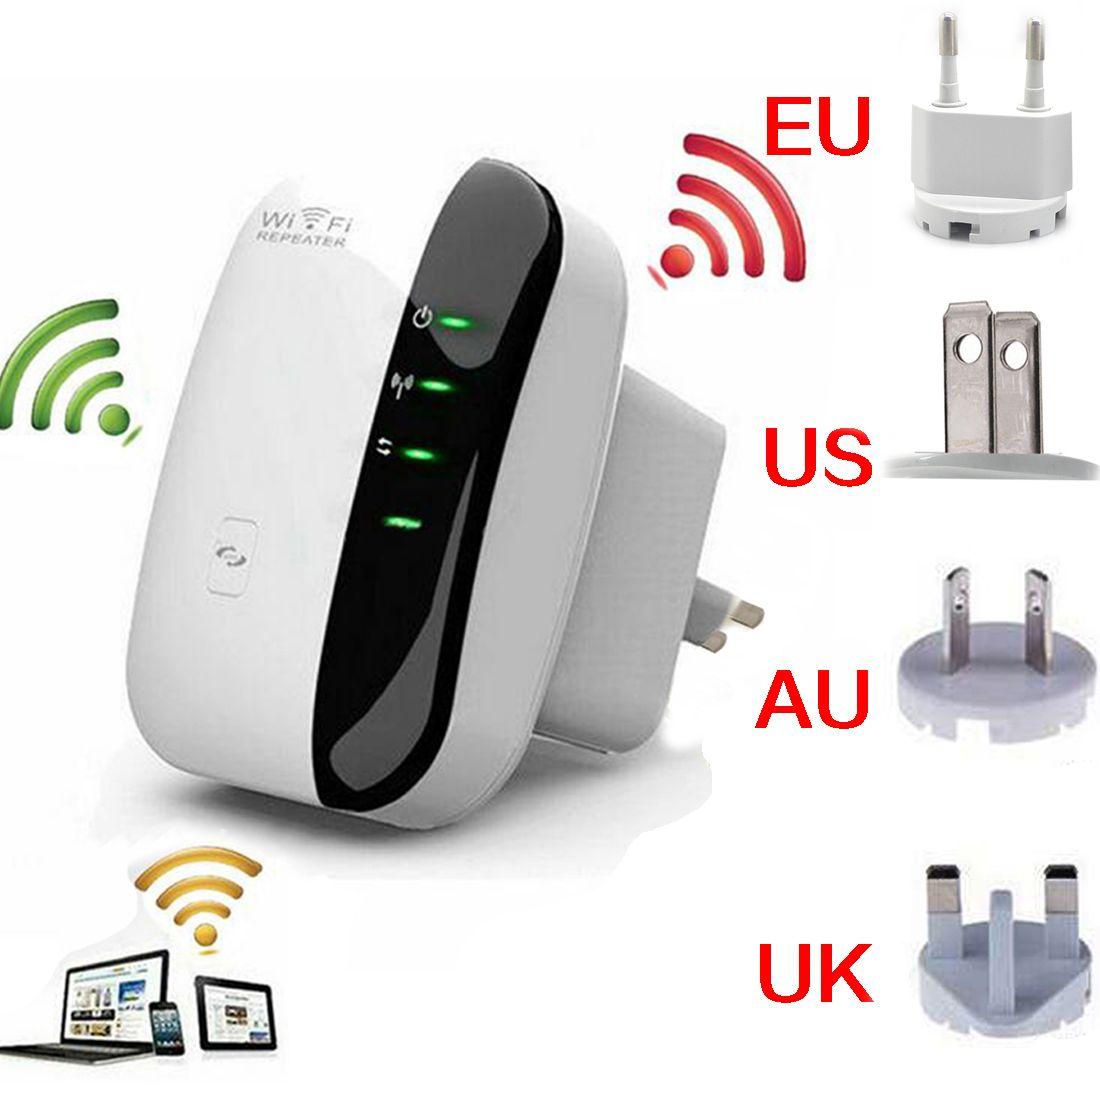 NOYOKERE Wireless-n Répéteur Wifi 802.11n/b/g Réseau Wi Fi Routeurs 300 Mbps Gamme Expander Amplificateur de Signal Extender WIFI